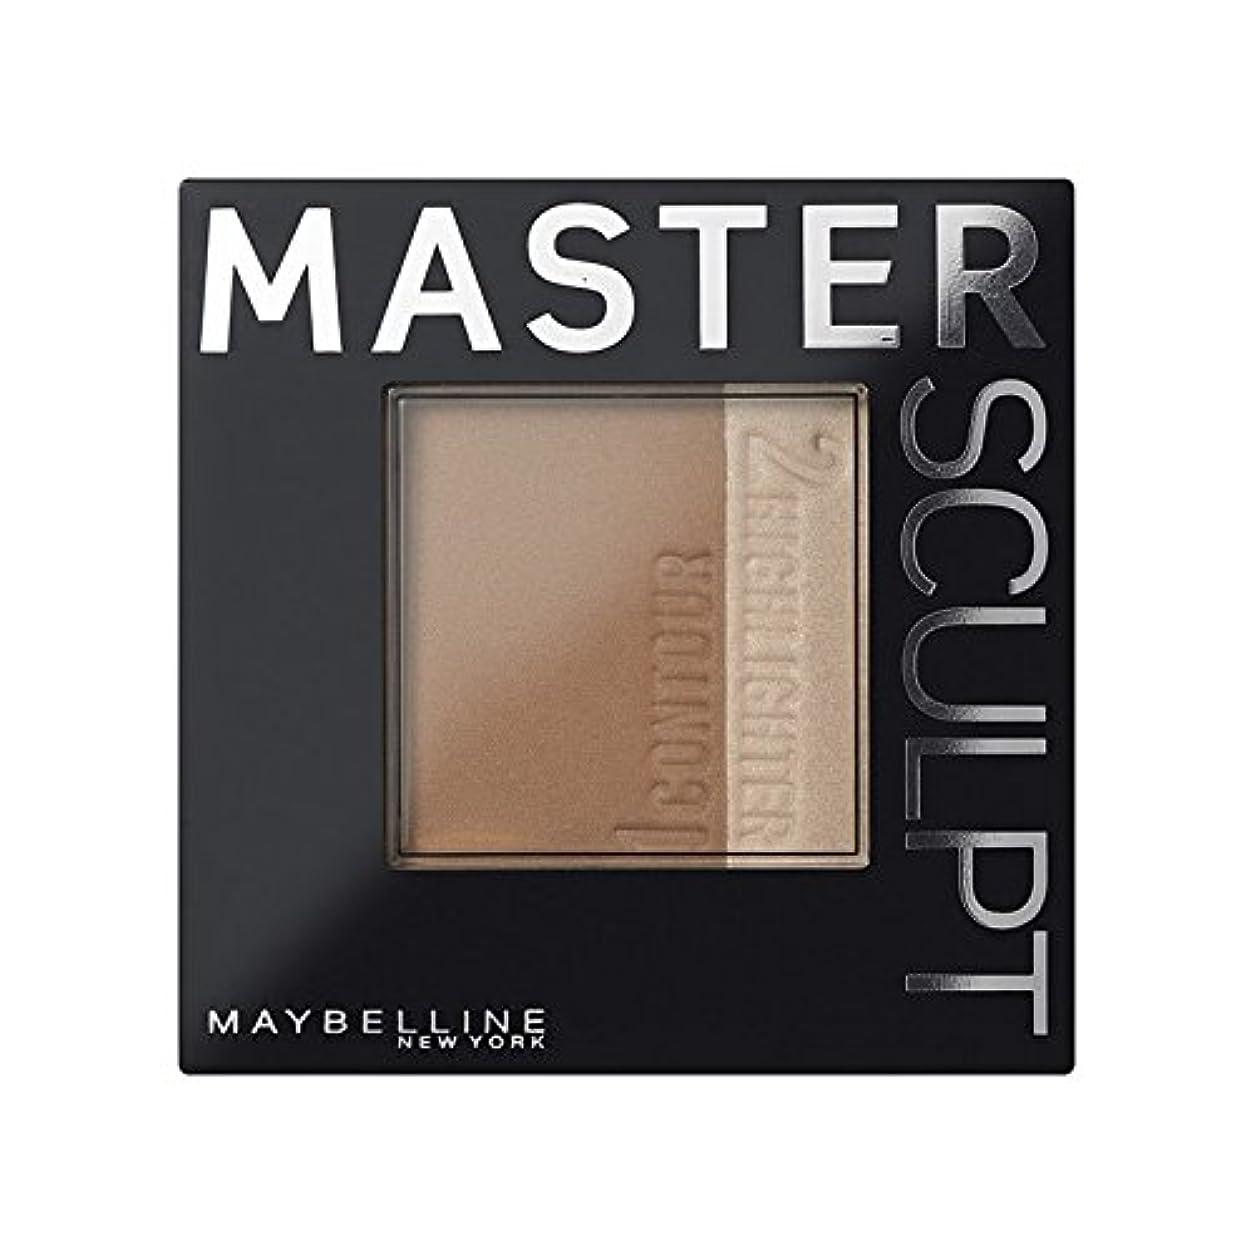 フィード習熟度連鎖Maybelline Master Sculpt Contouring Foundation 01 Light/Med (Pack of 6) - 土台01光/ を輪郭メイベリンマスタースカルプト x6 [並行輸入品]